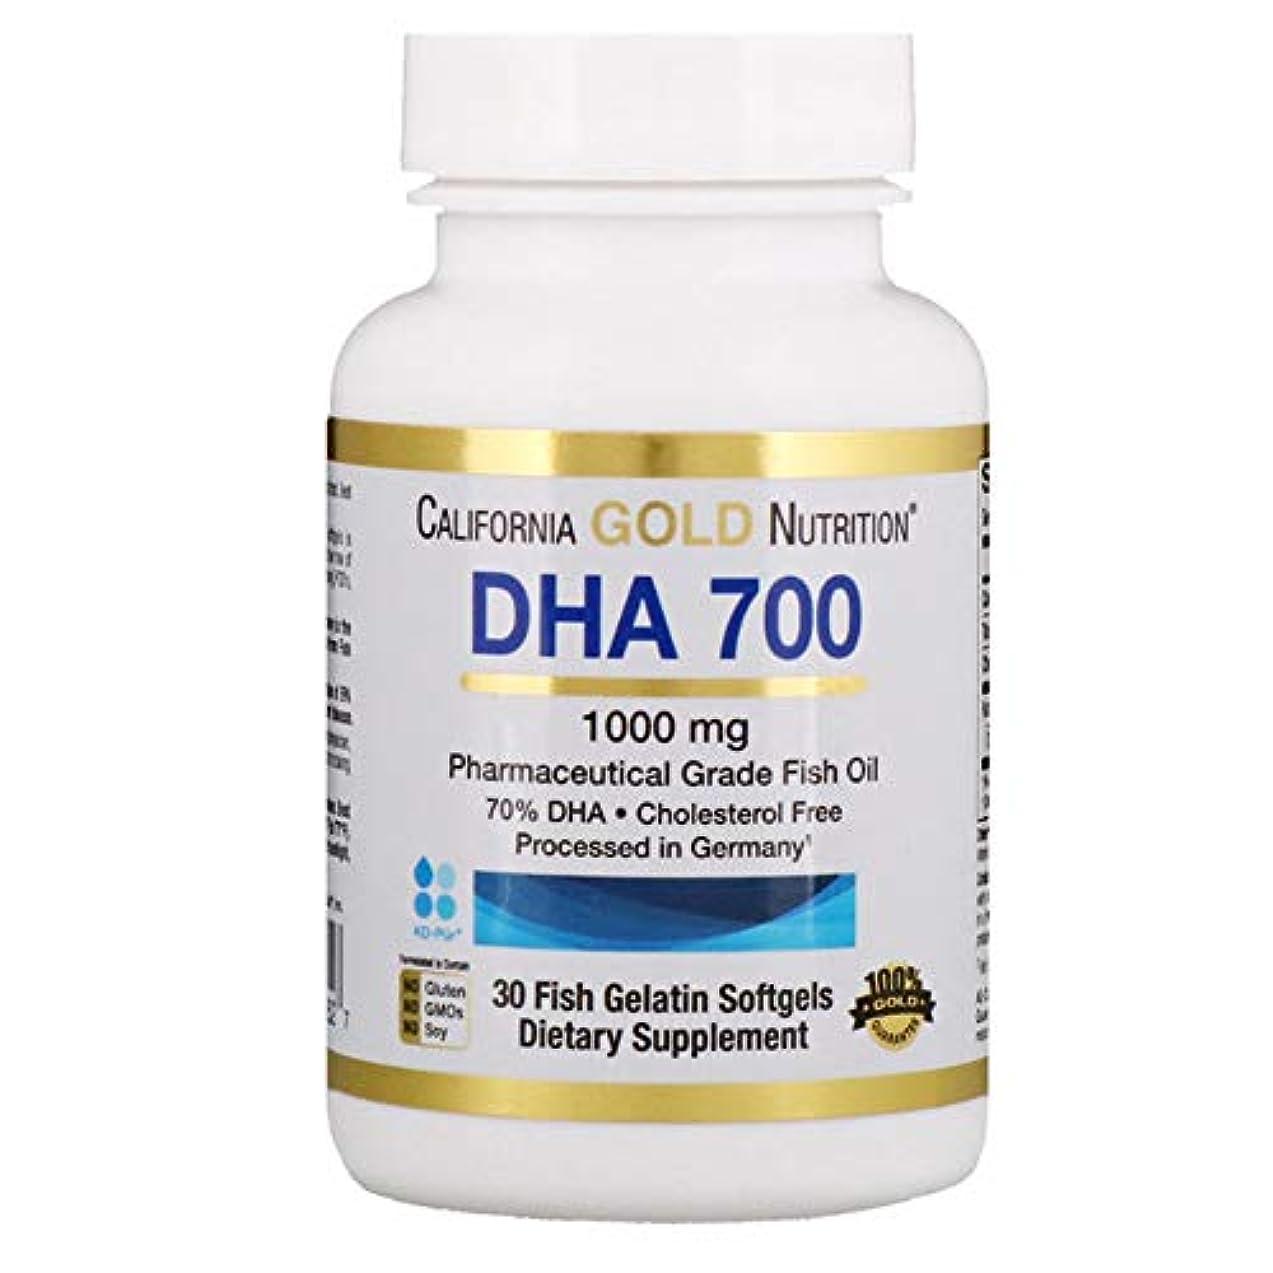 ピュー住所記録California Gold Nutrition DHA 700 フィッシュオイル 医薬品グレード 1000 mg 魚ゼラチンソフトジェル 30個 【アメリカ直送】